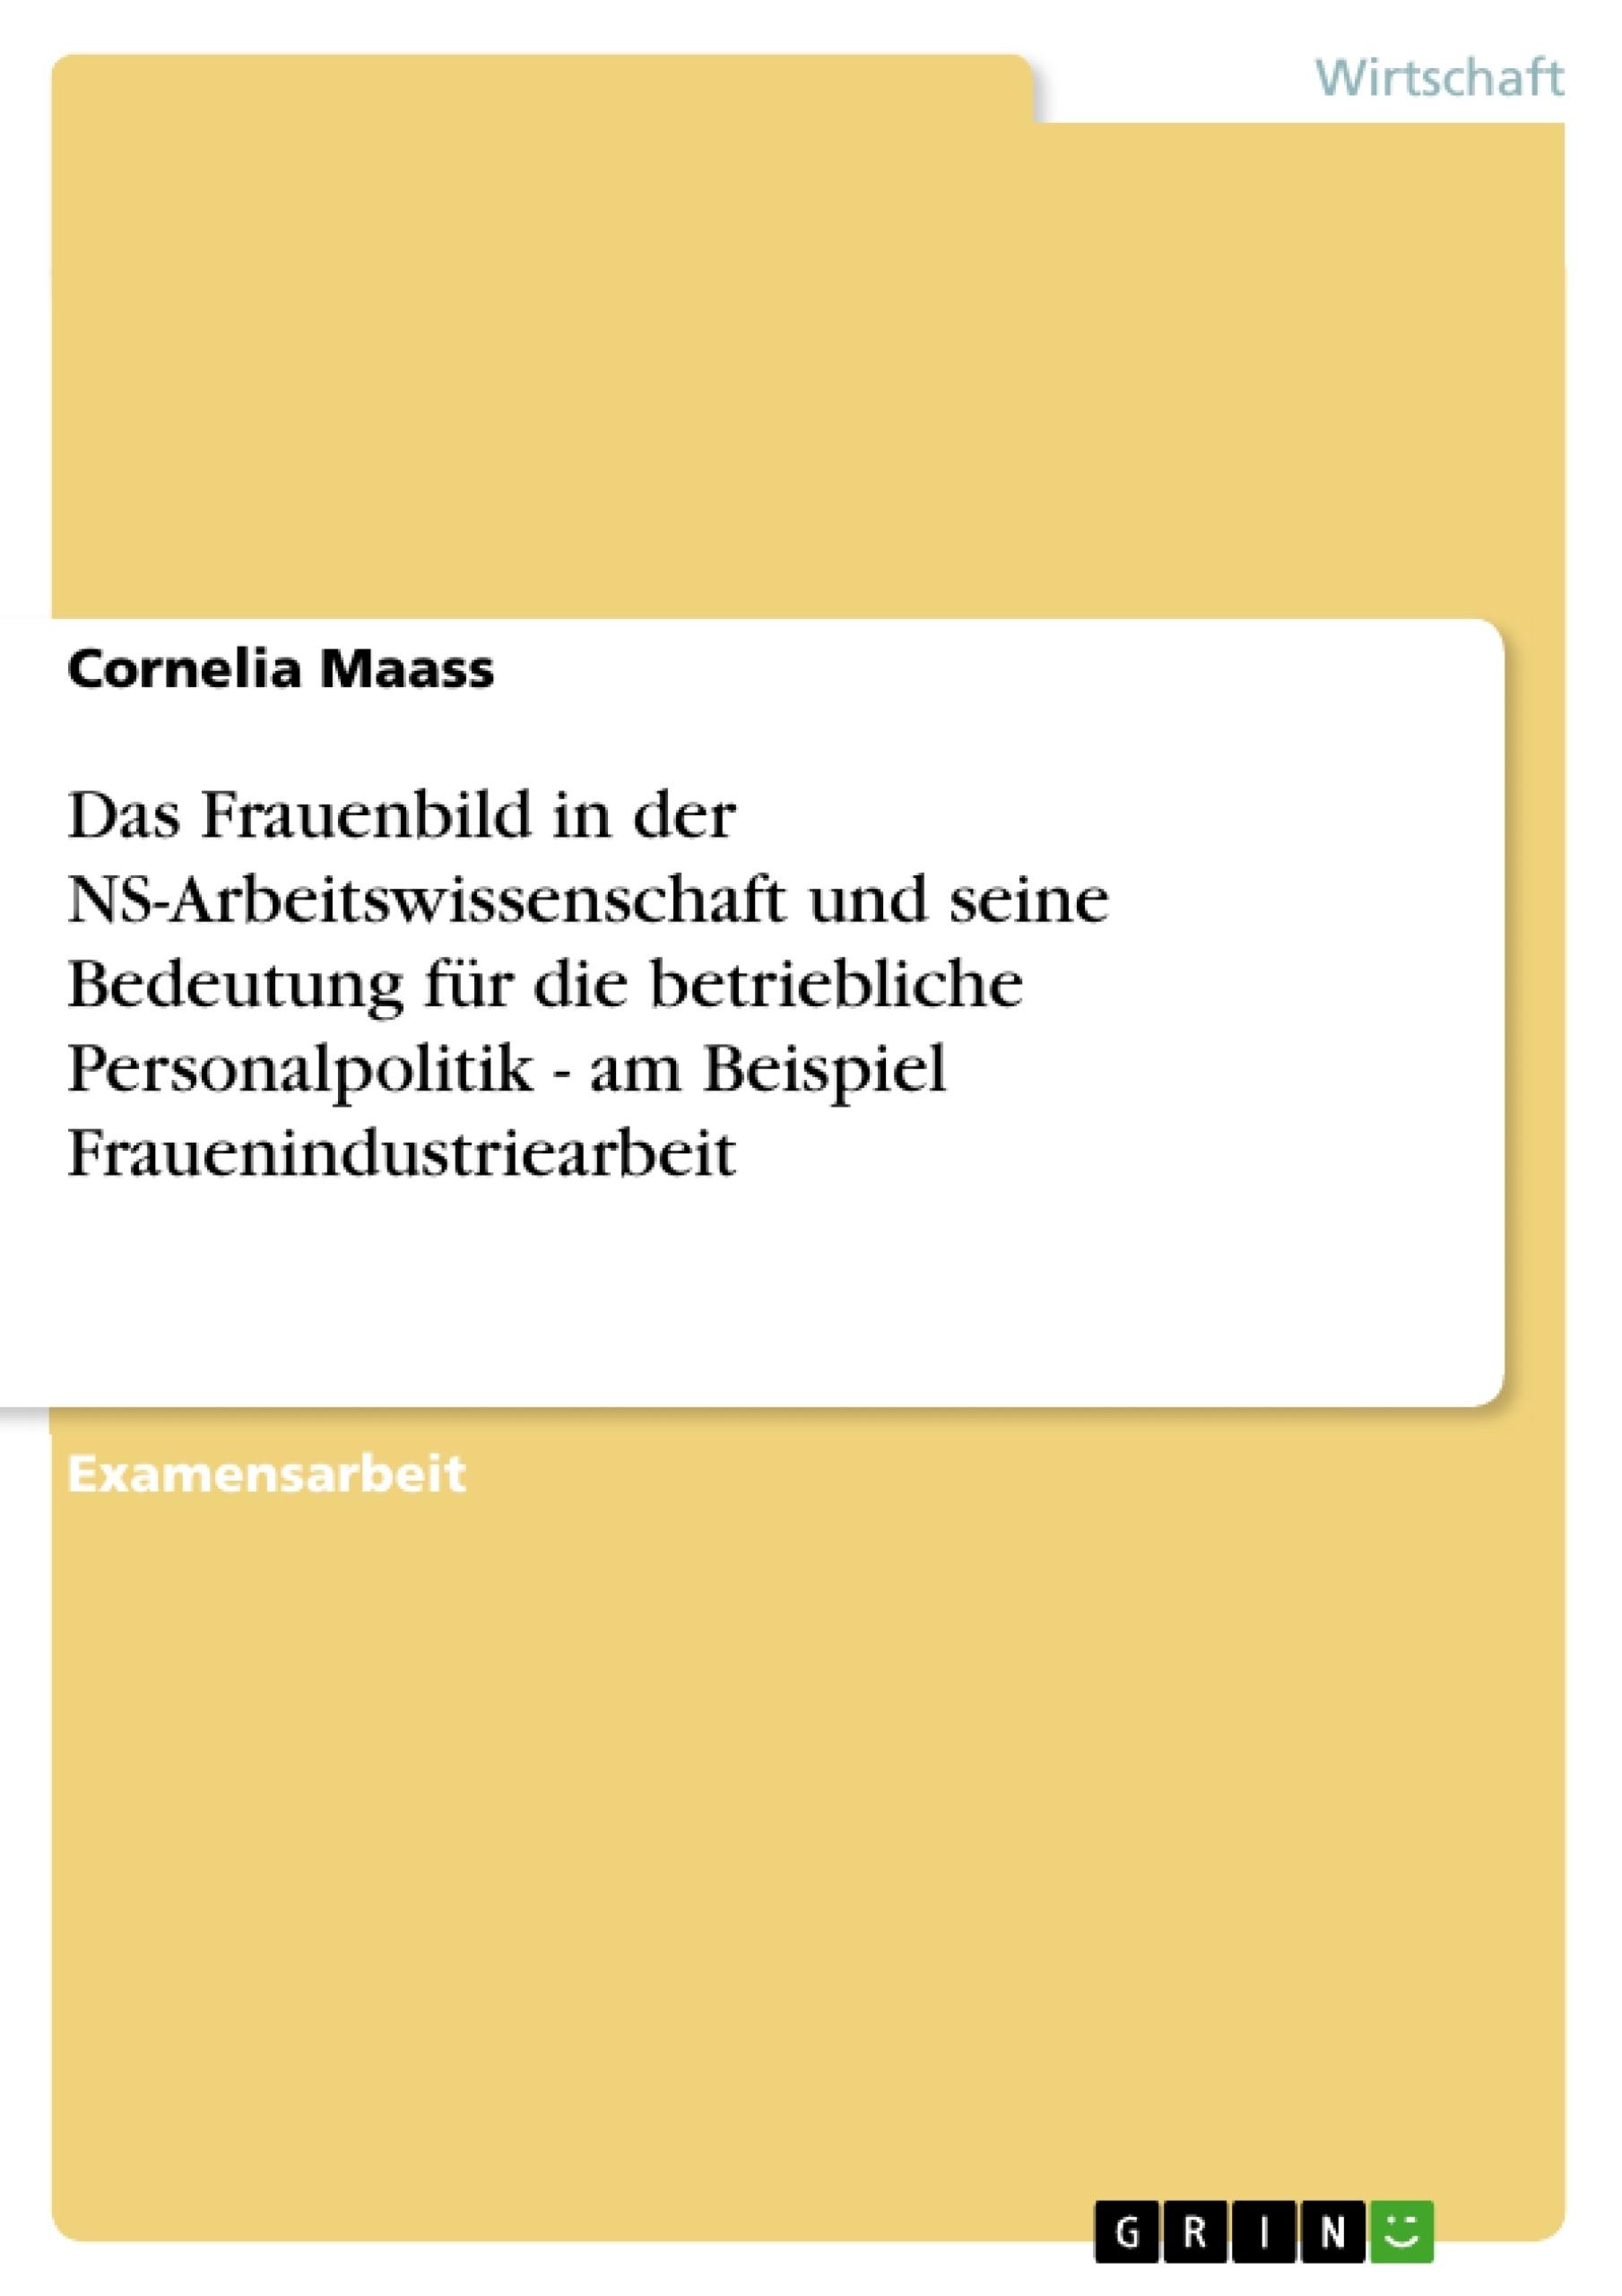 Titel: Das Frauenbild in der NS-Arbeitswissenschaft und seine Bedeutung für die betriebliche Personalpolitik - am Beispiel Frauenindustriearbeit